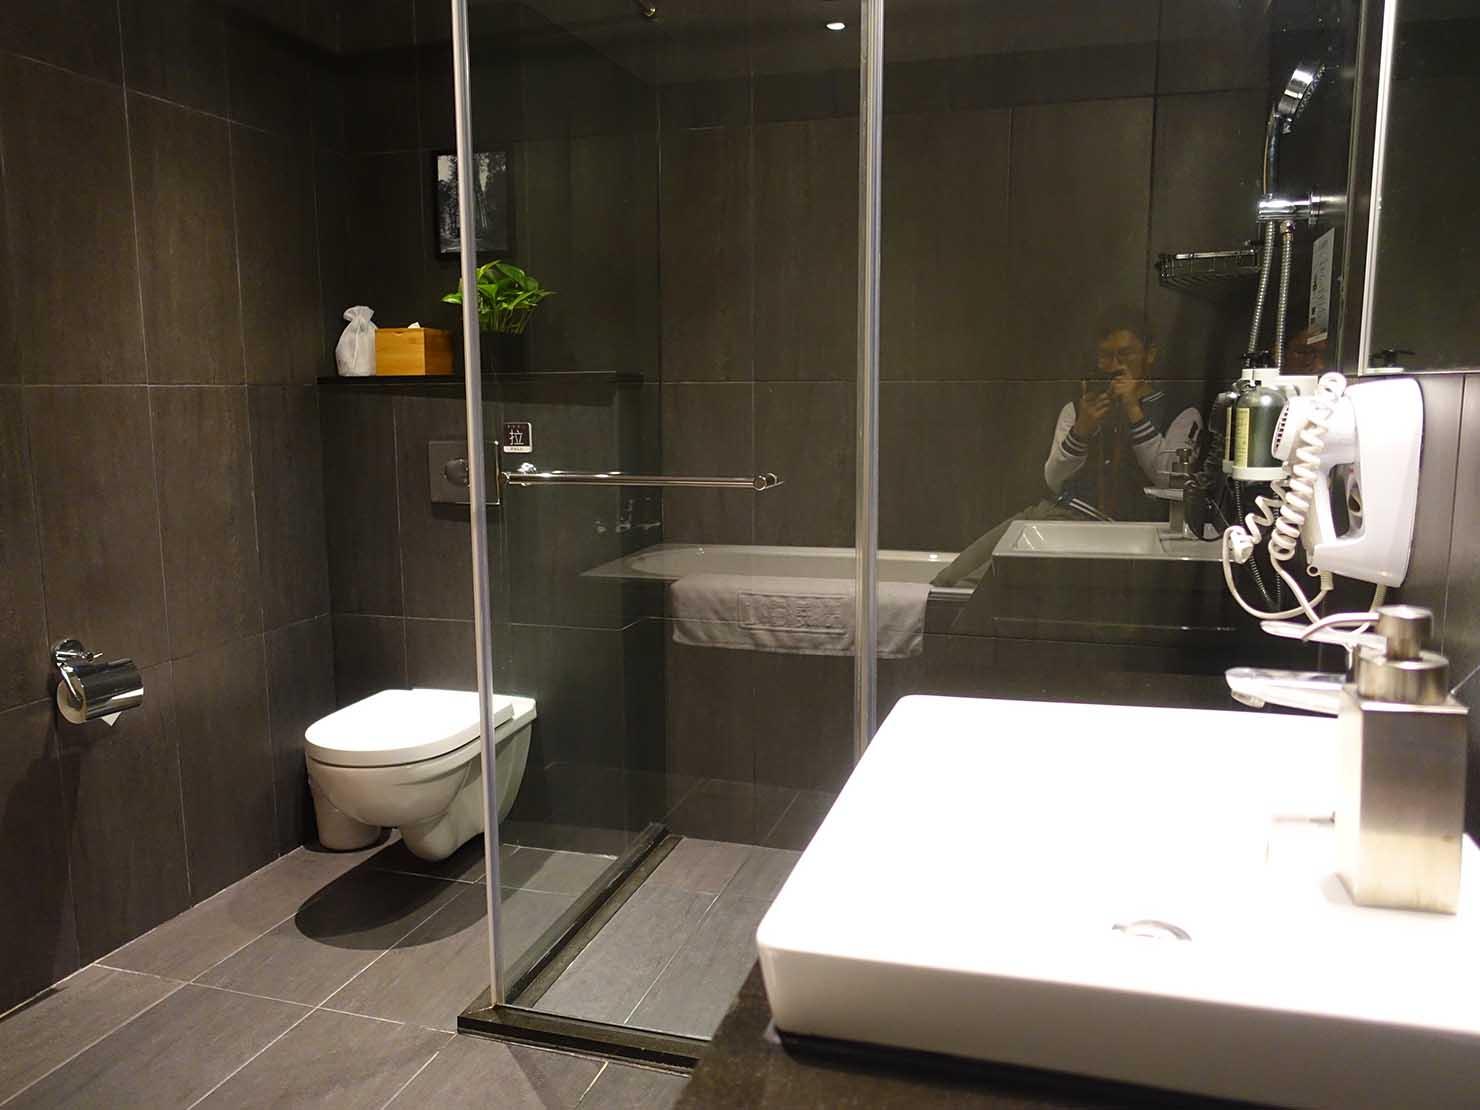 嘉義のおすすめホテル「嘉義觀止」觀止商務房(ツインルーム)のシャワースペース